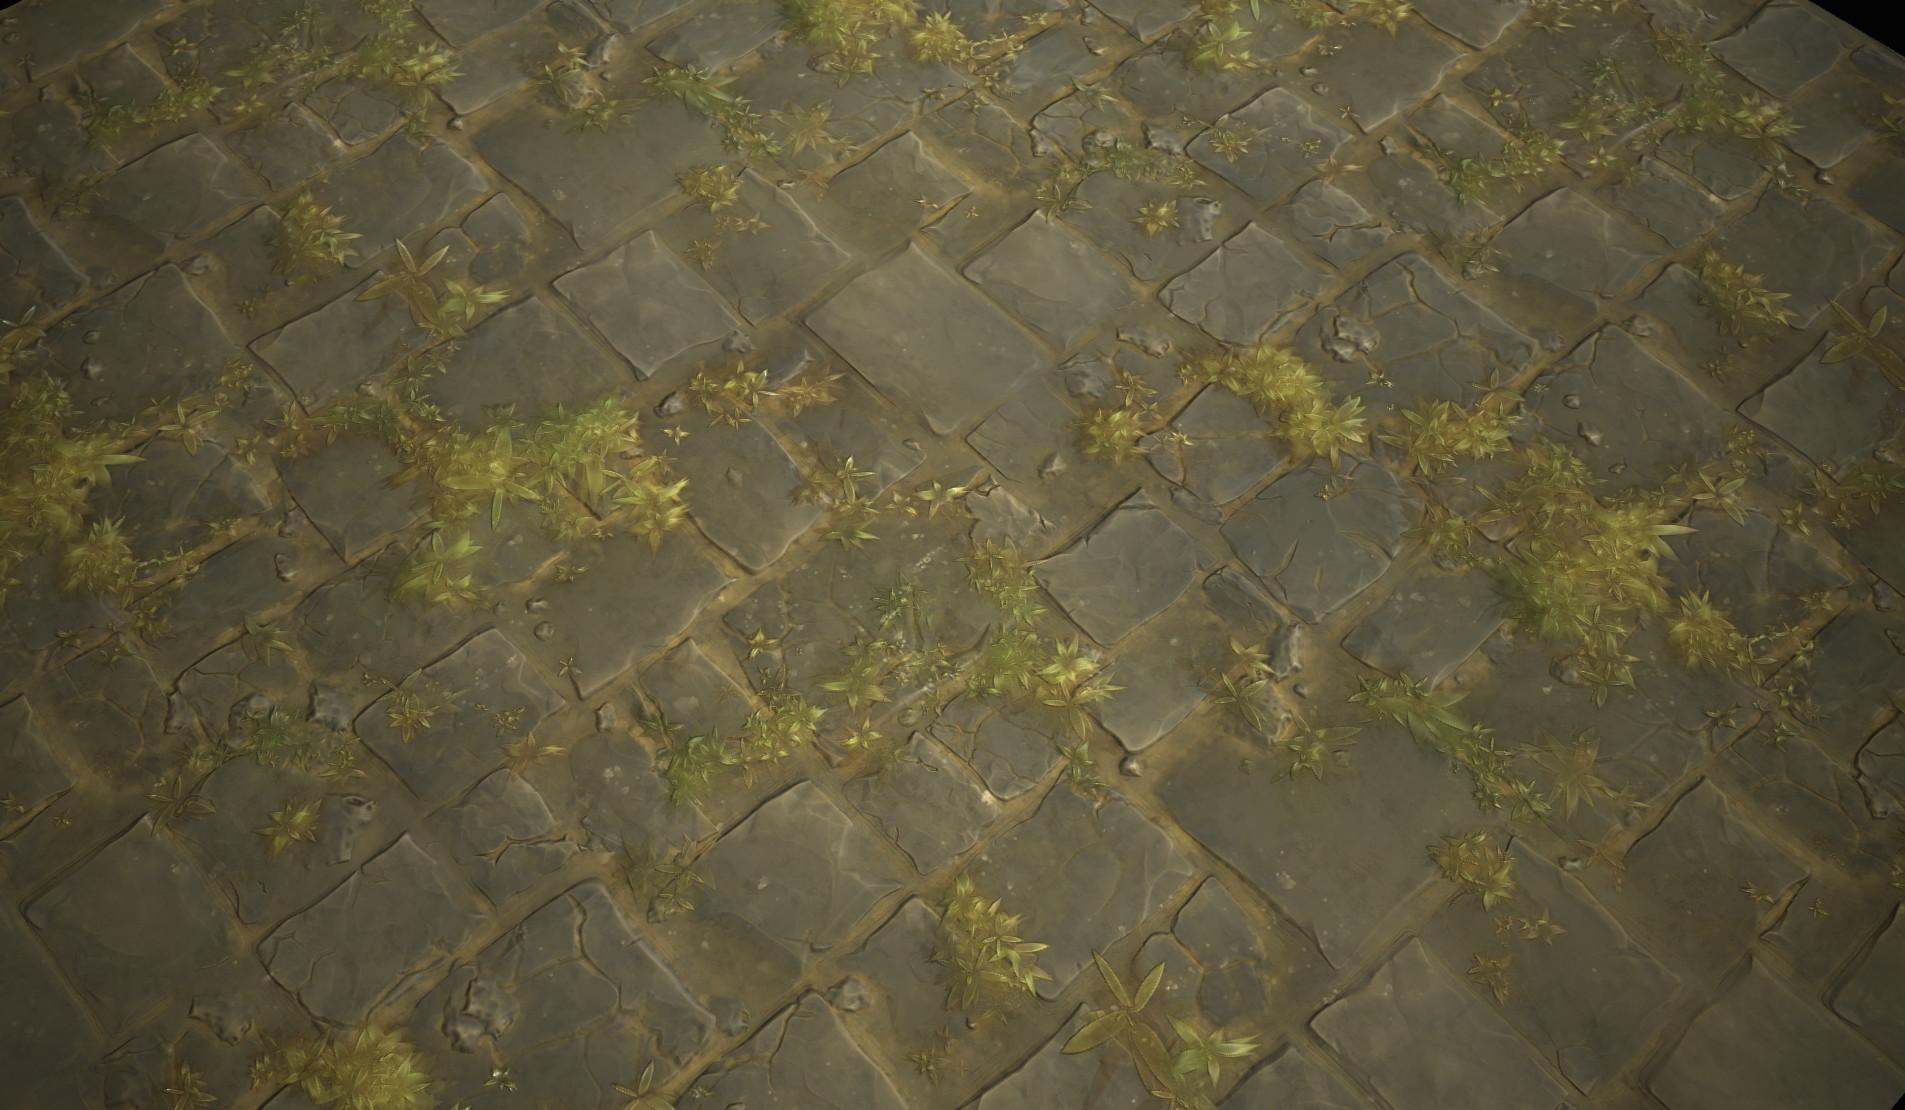 hugo beyer - stylized stone floor